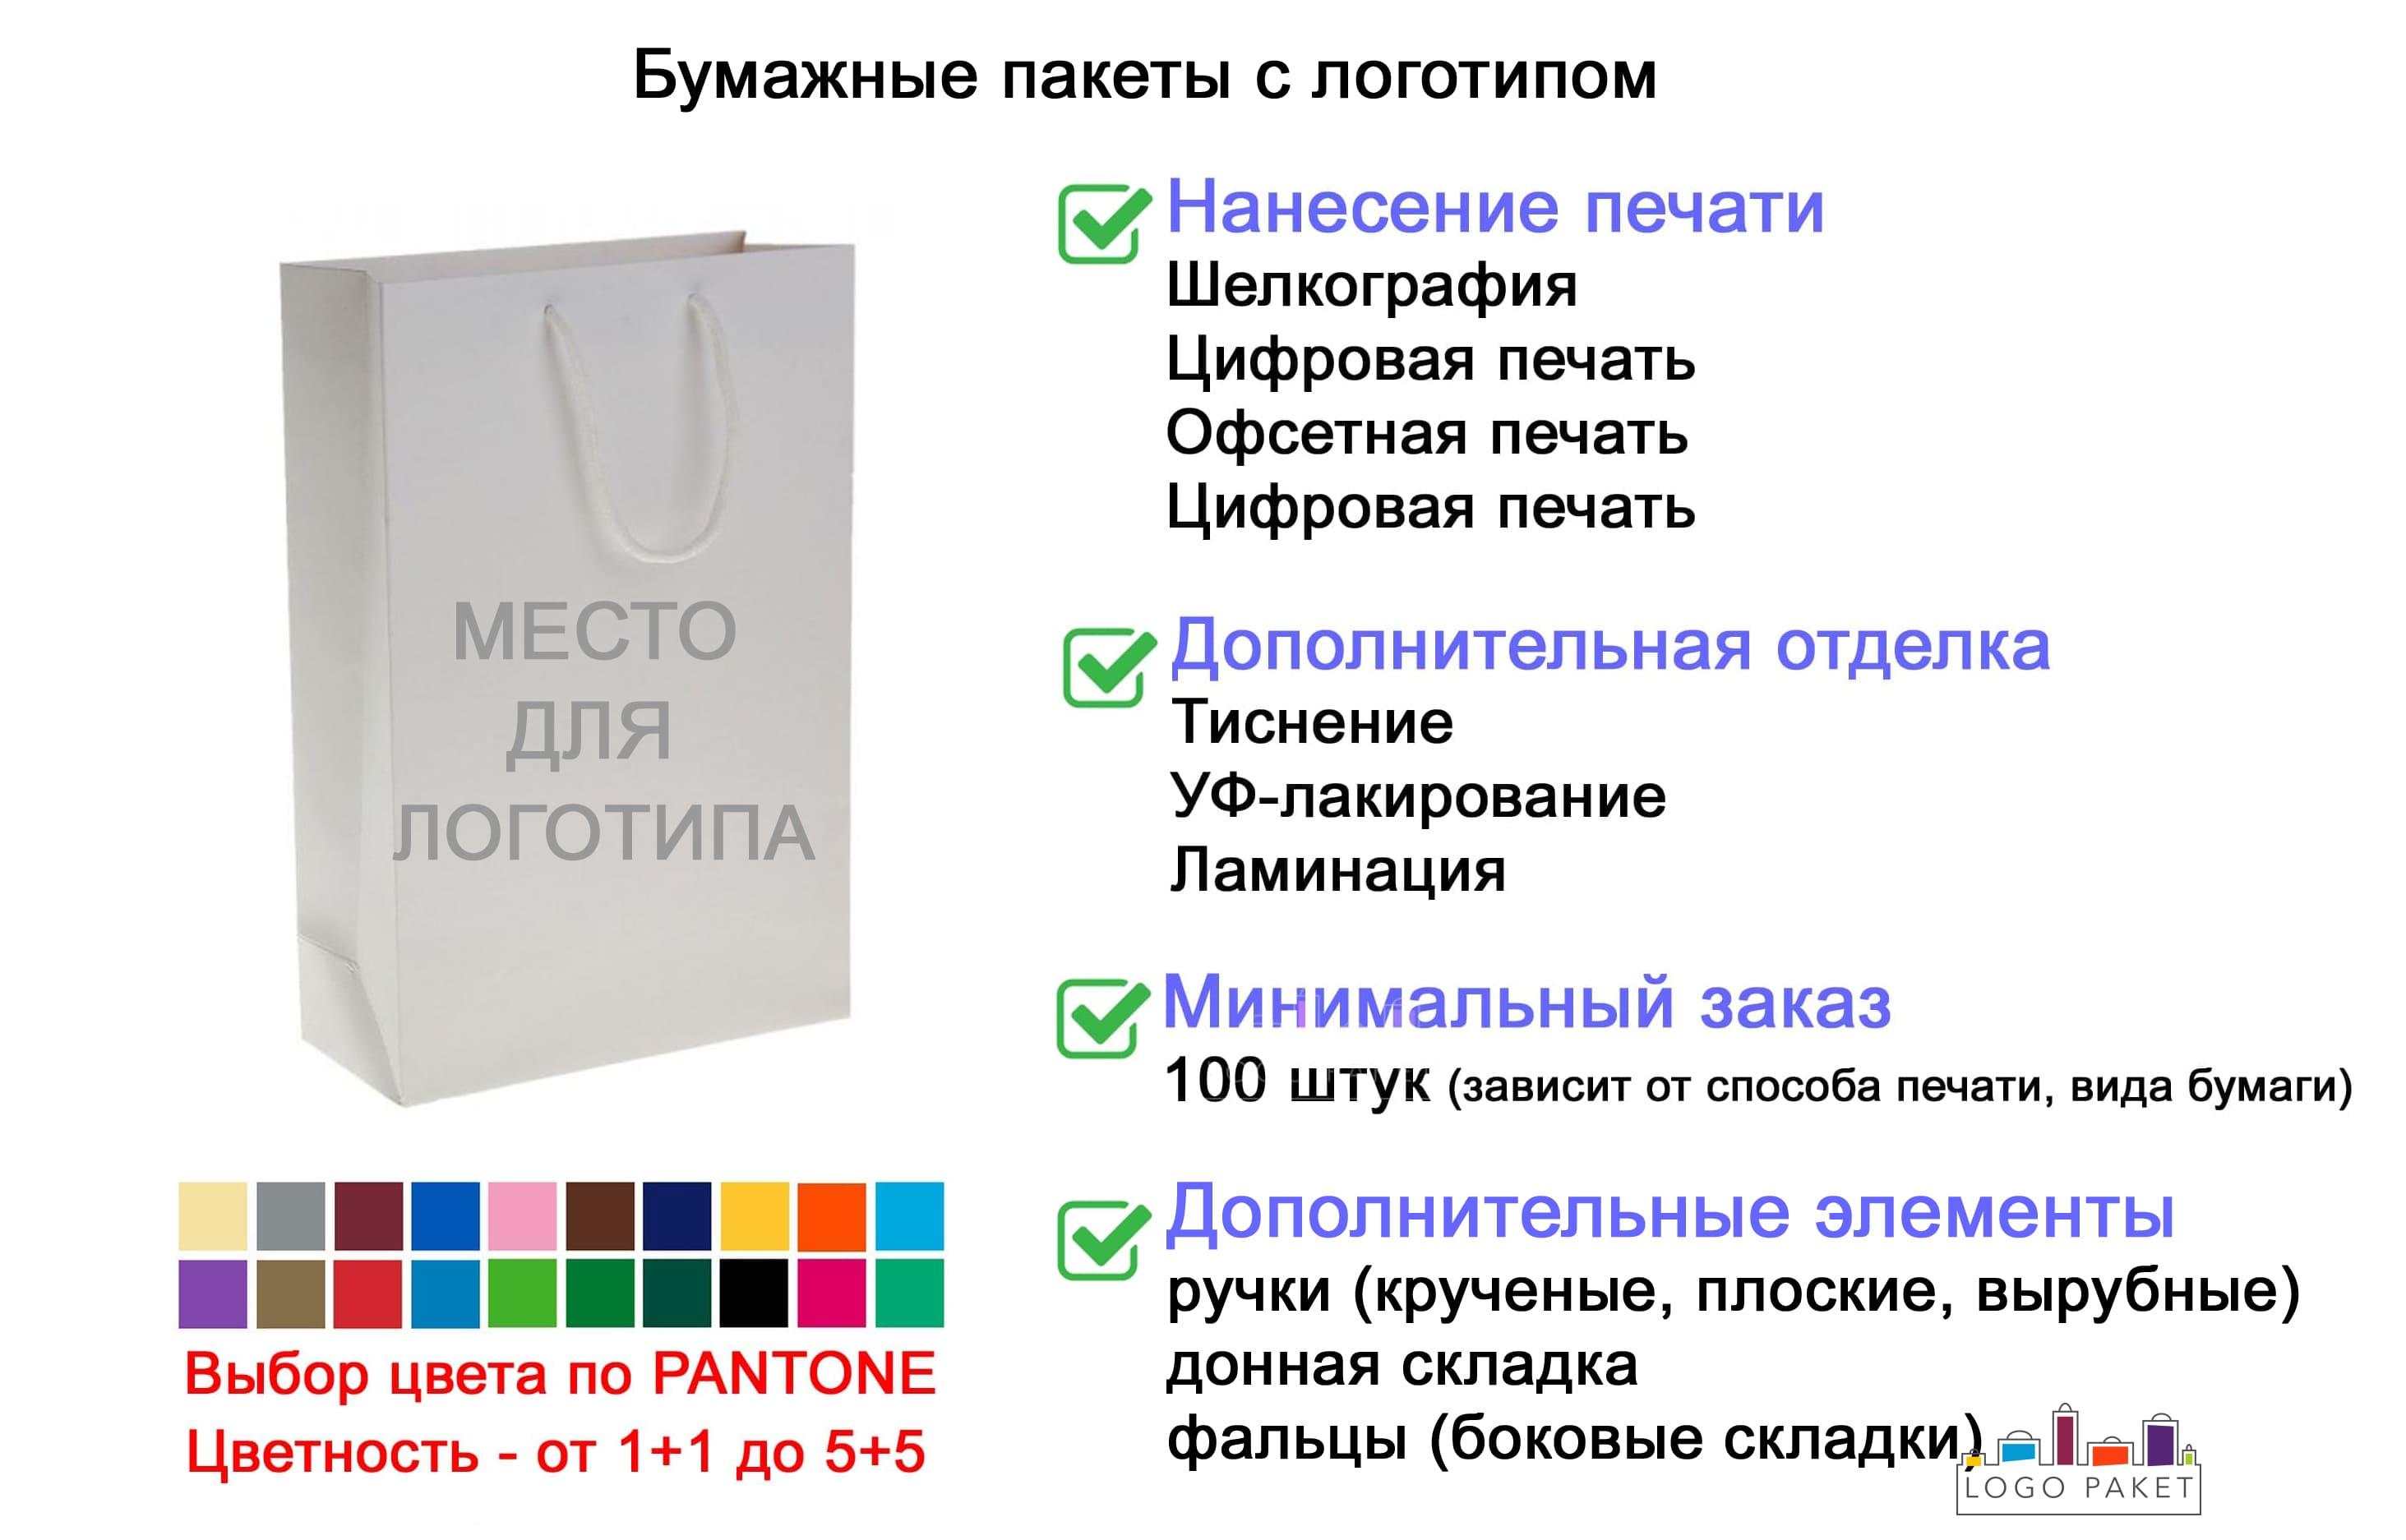 Бумажные пакеты с логотипом инфографика